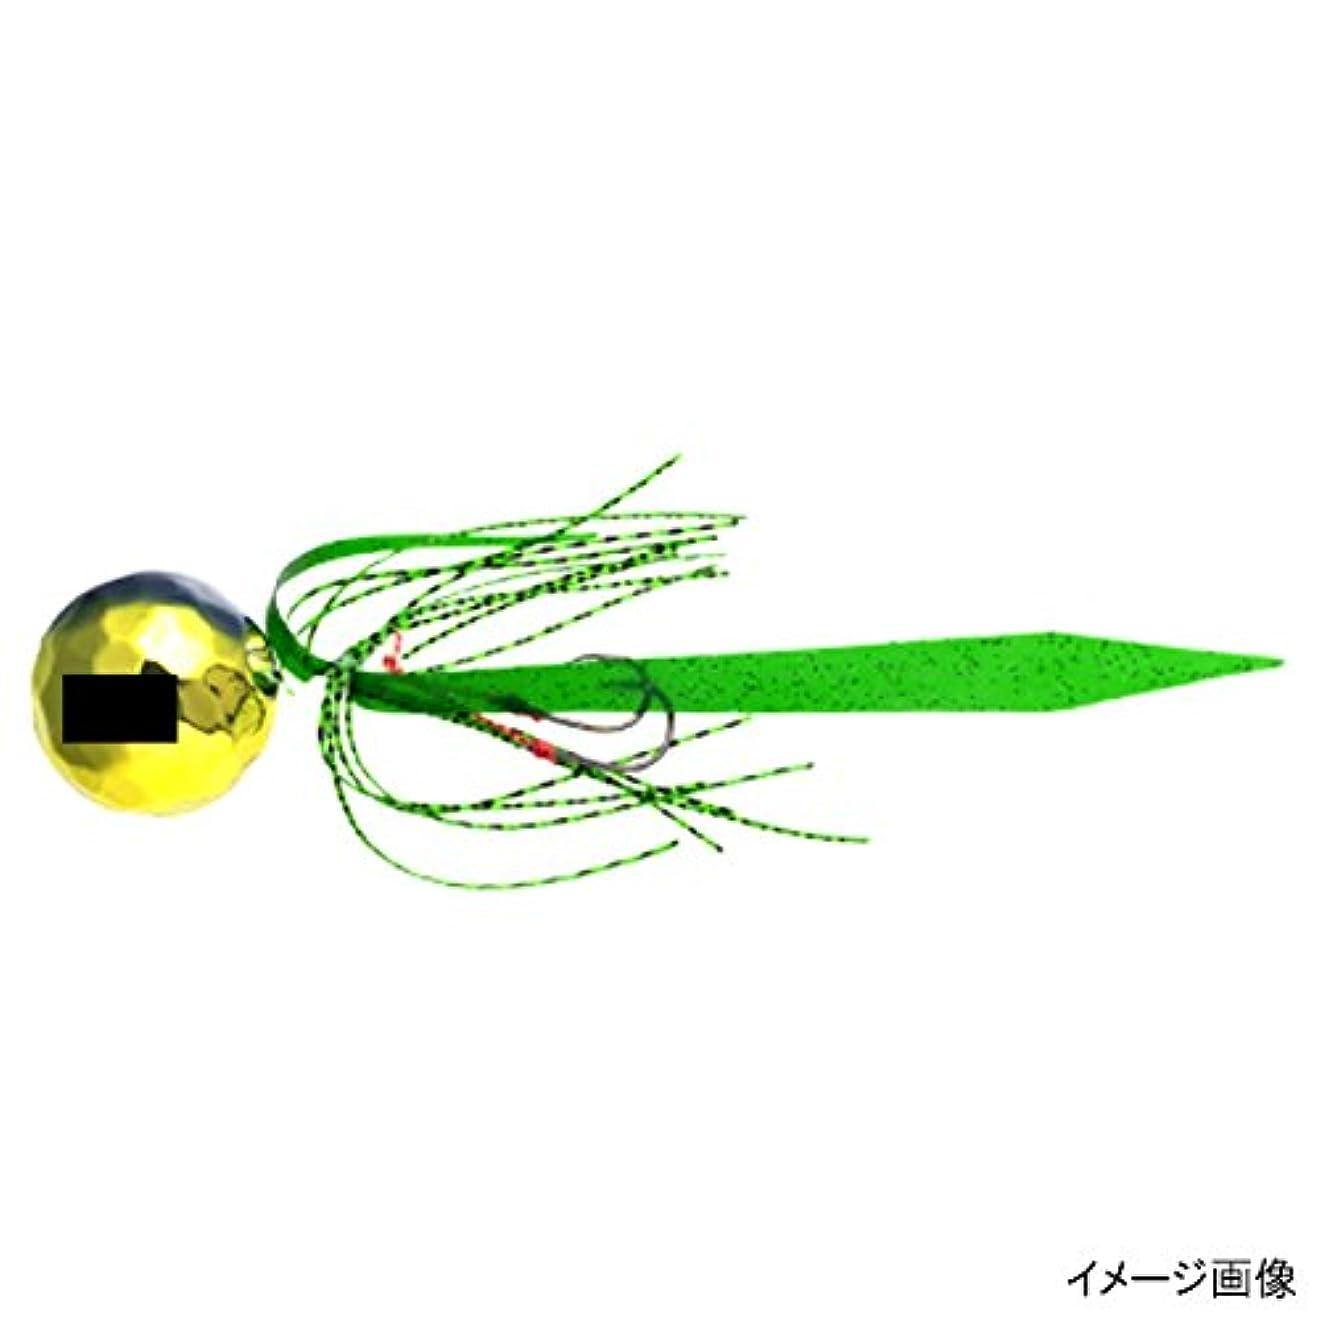 満足できる唯一損なうヤマシタ(YAMASHITA) タイラバ 鯛歌舞楽 鯛乃玉 丸型セット 80g ゴールドグリーンケイムラ #12 ルアー